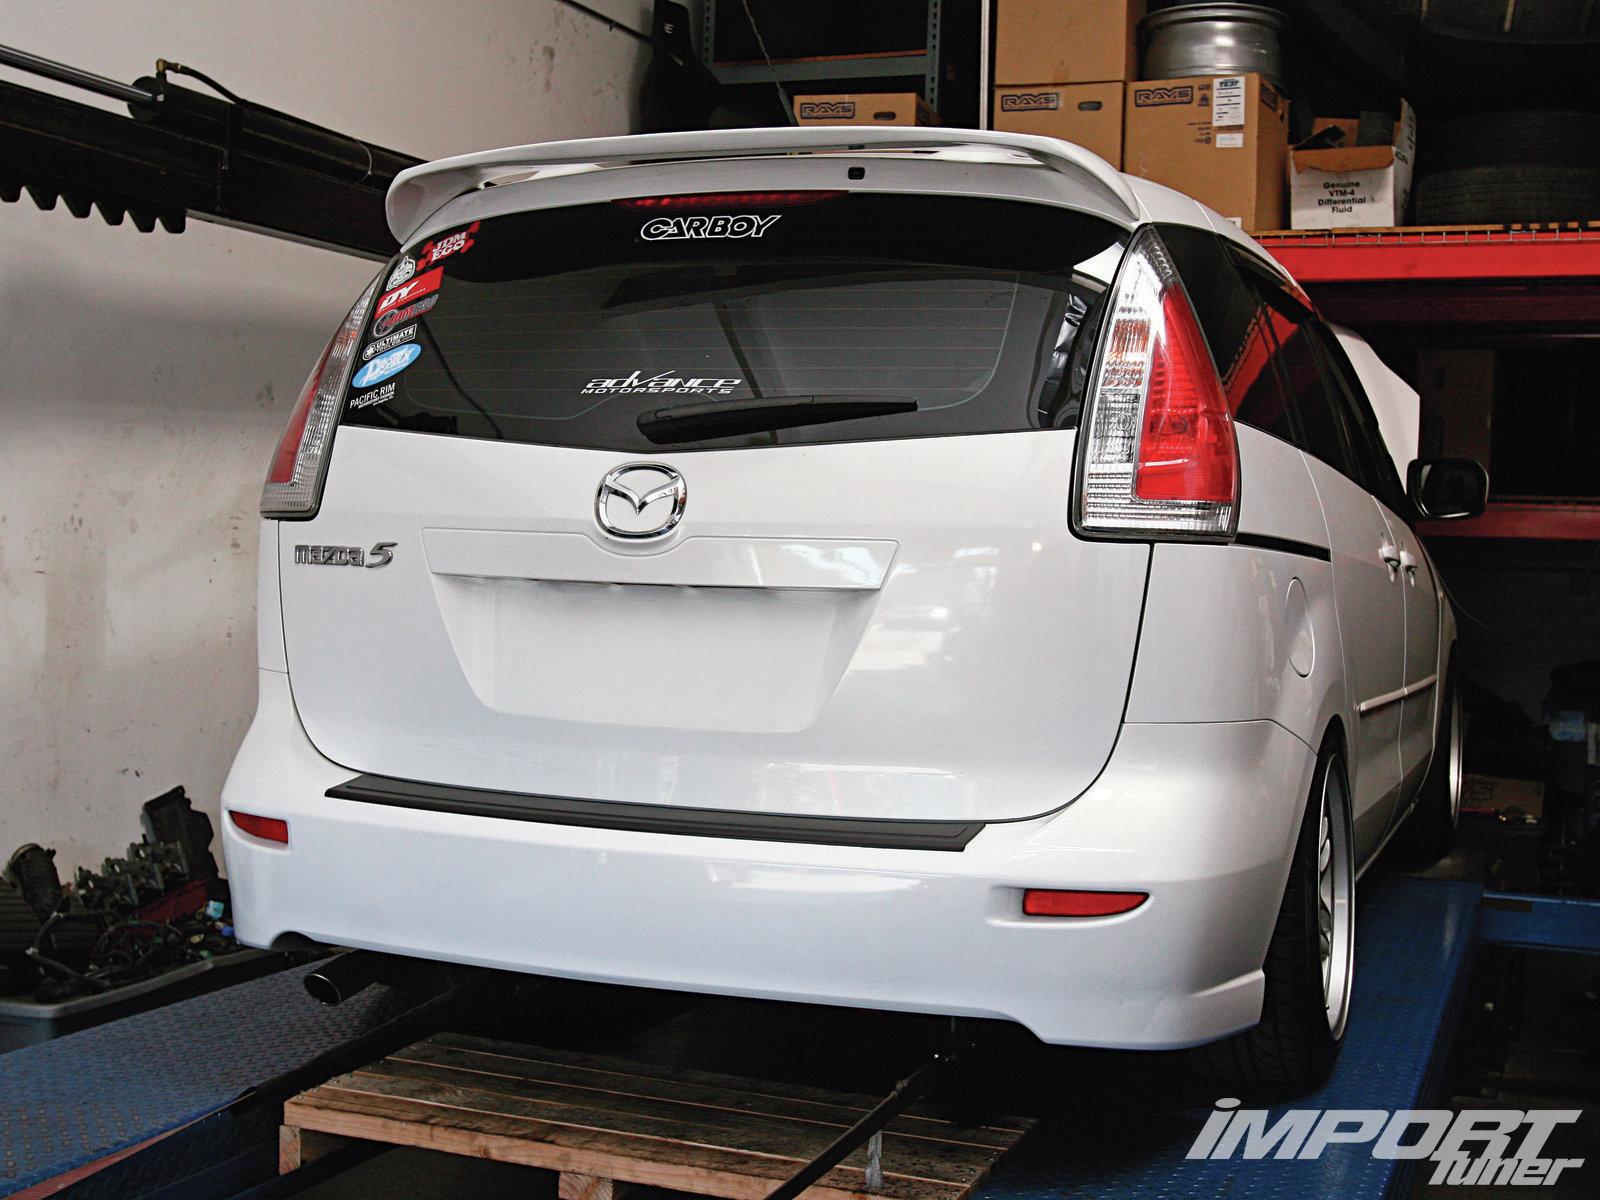 2009 Mazda Mazda5 Image 16